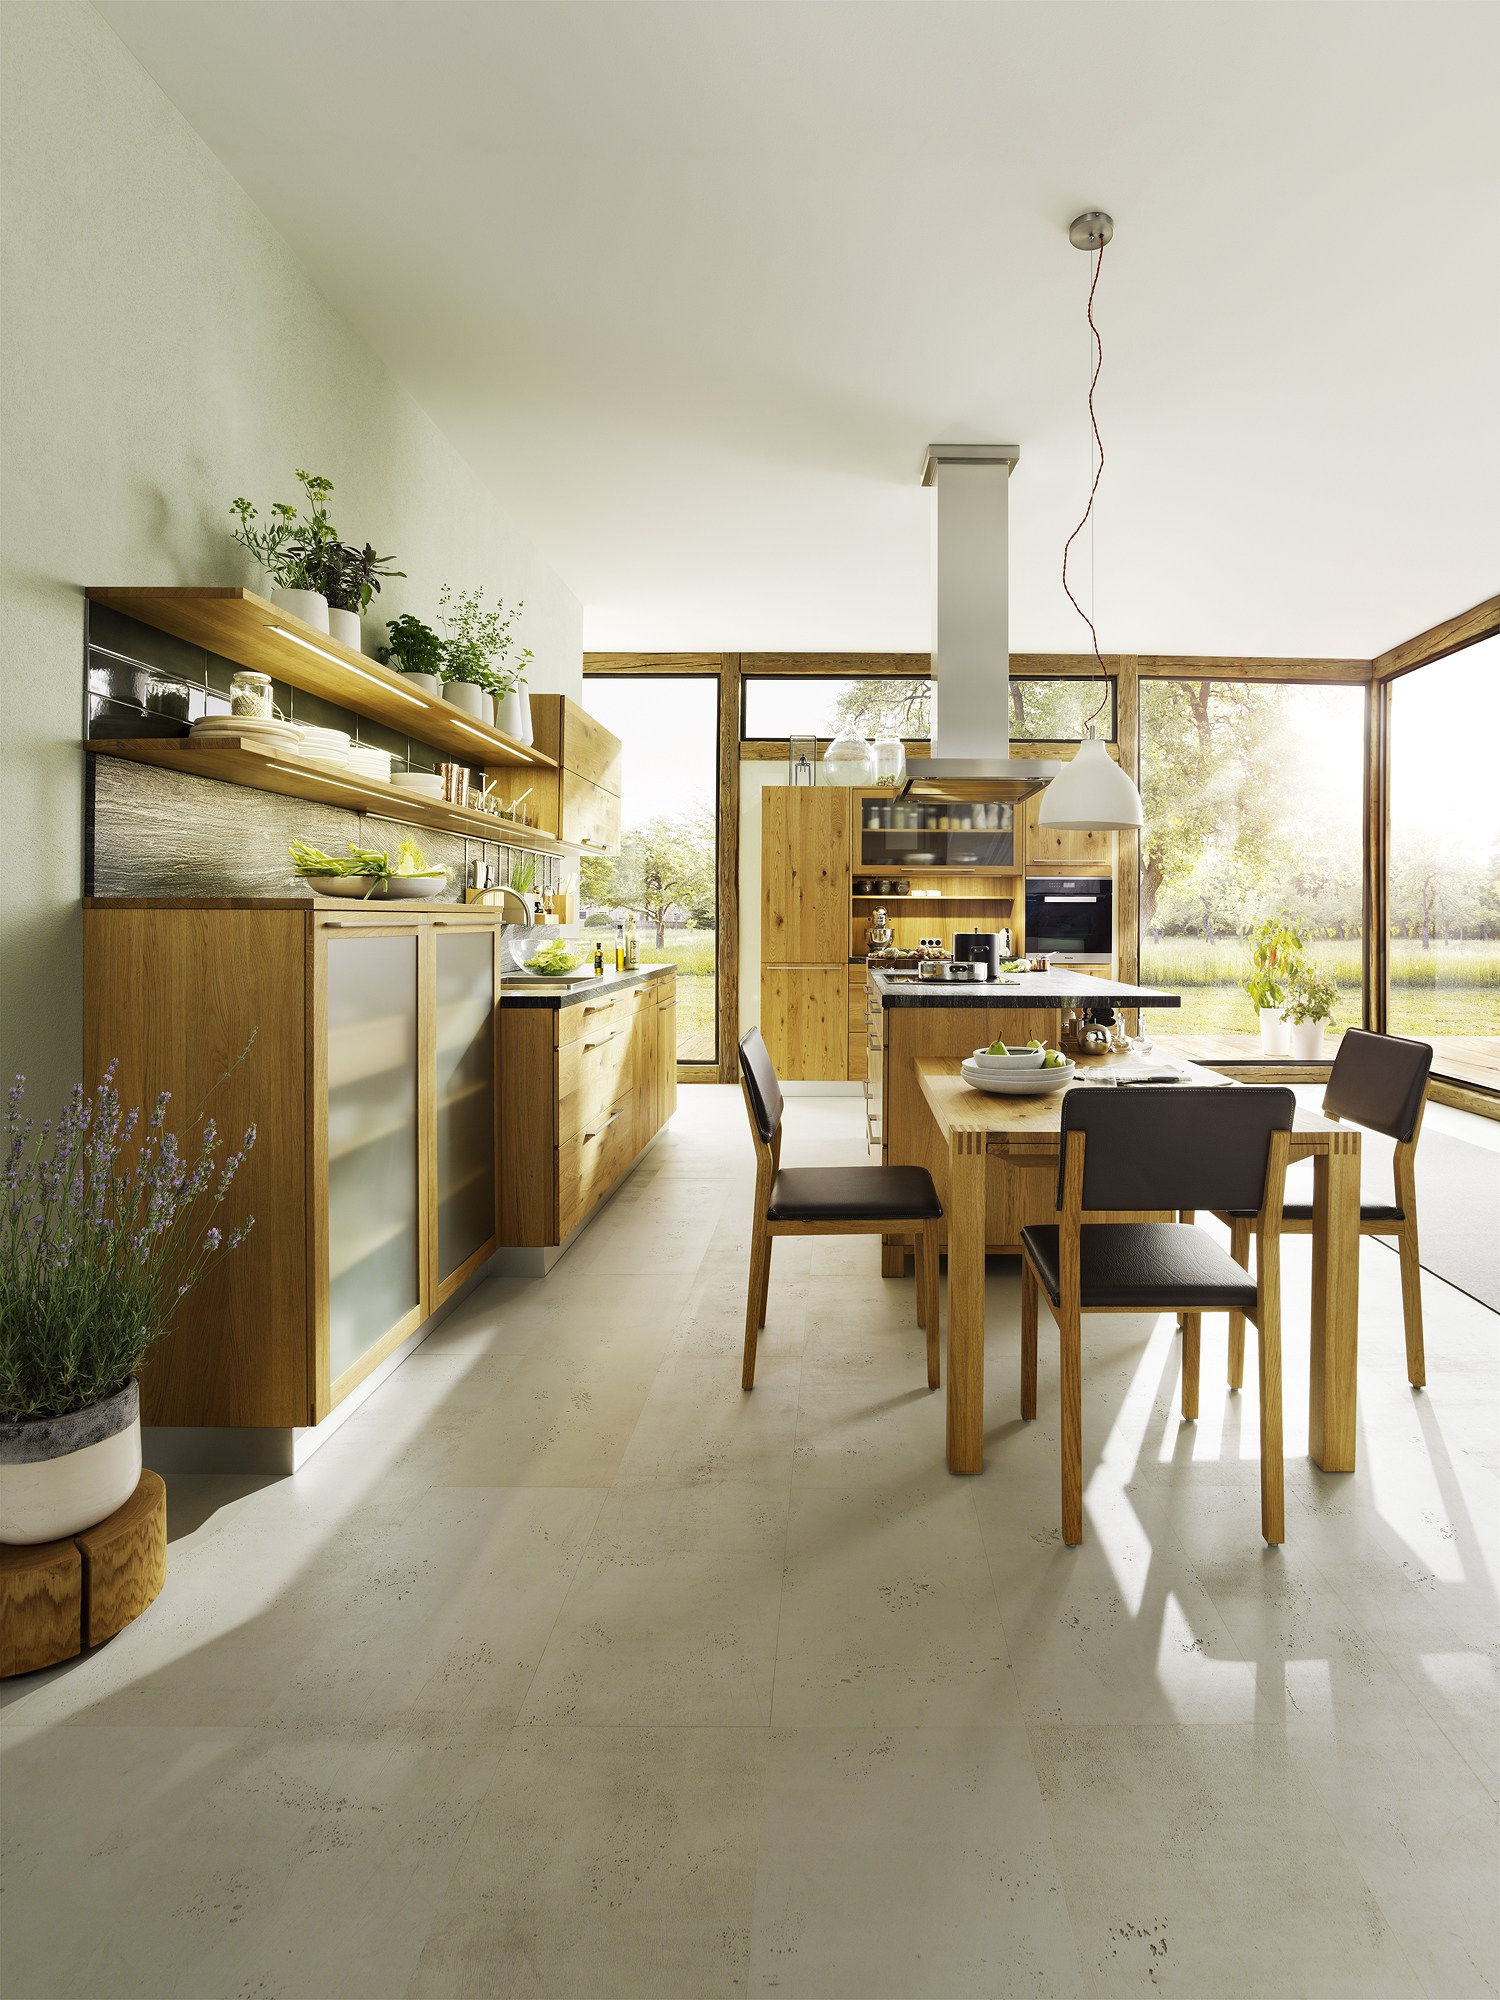 wooden kitchen with island loft by team 7 nat rlich wohnen design sebastian desch. Black Bedroom Furniture Sets. Home Design Ideas